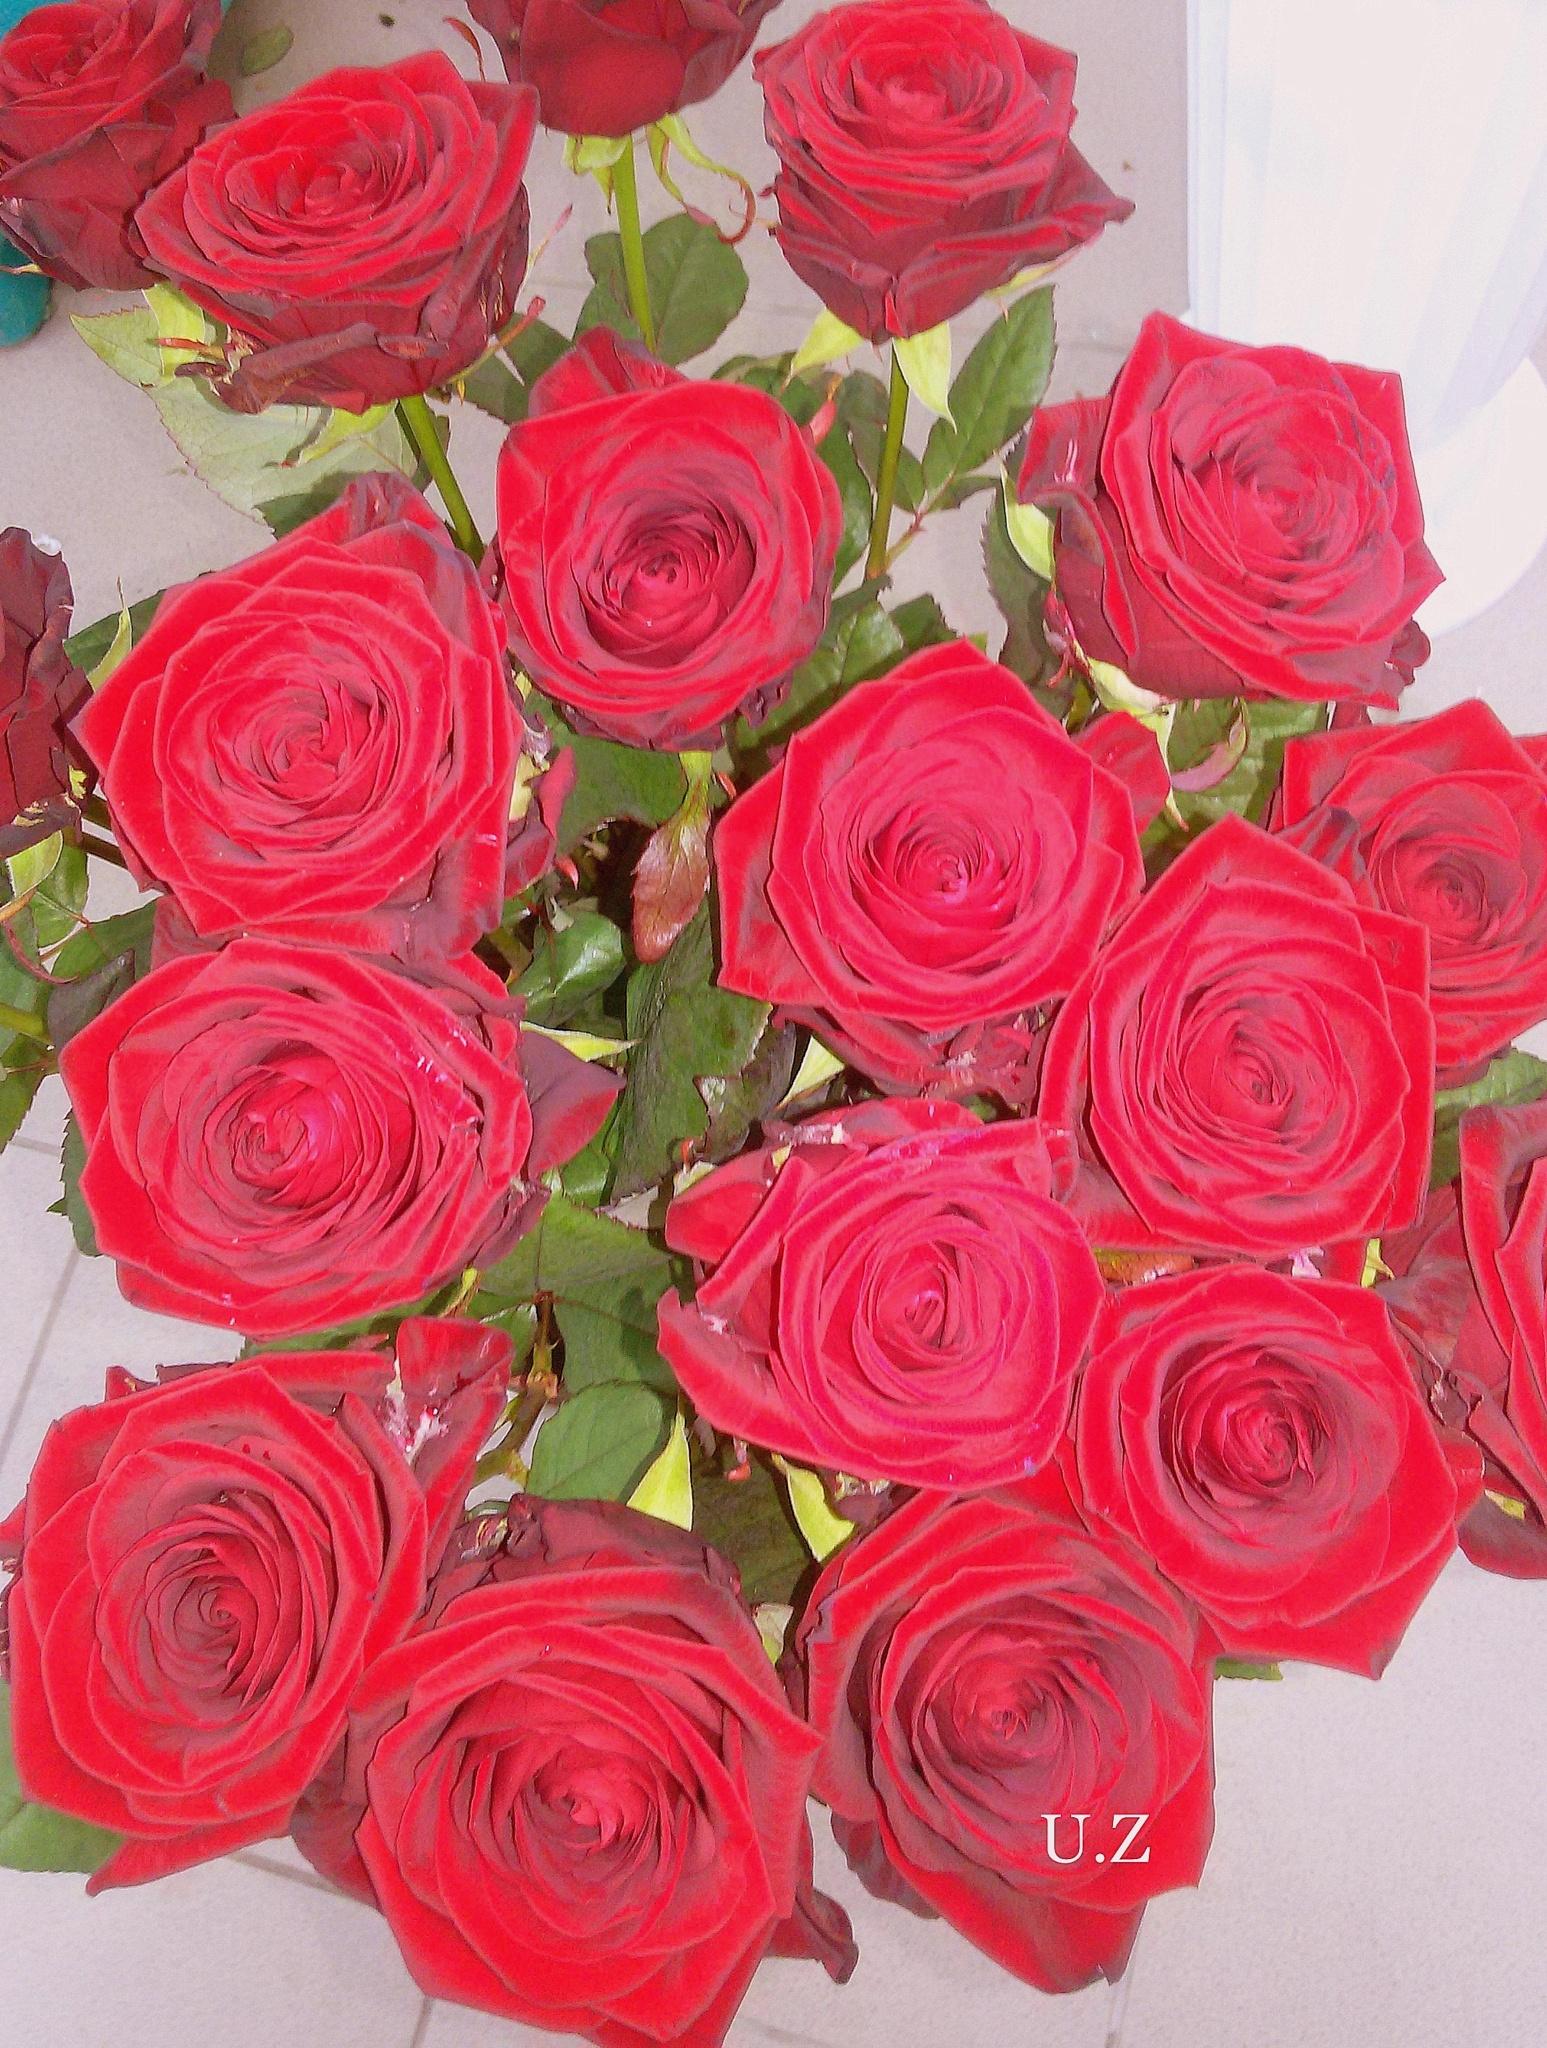 Red roses. by uzkuraitiene62